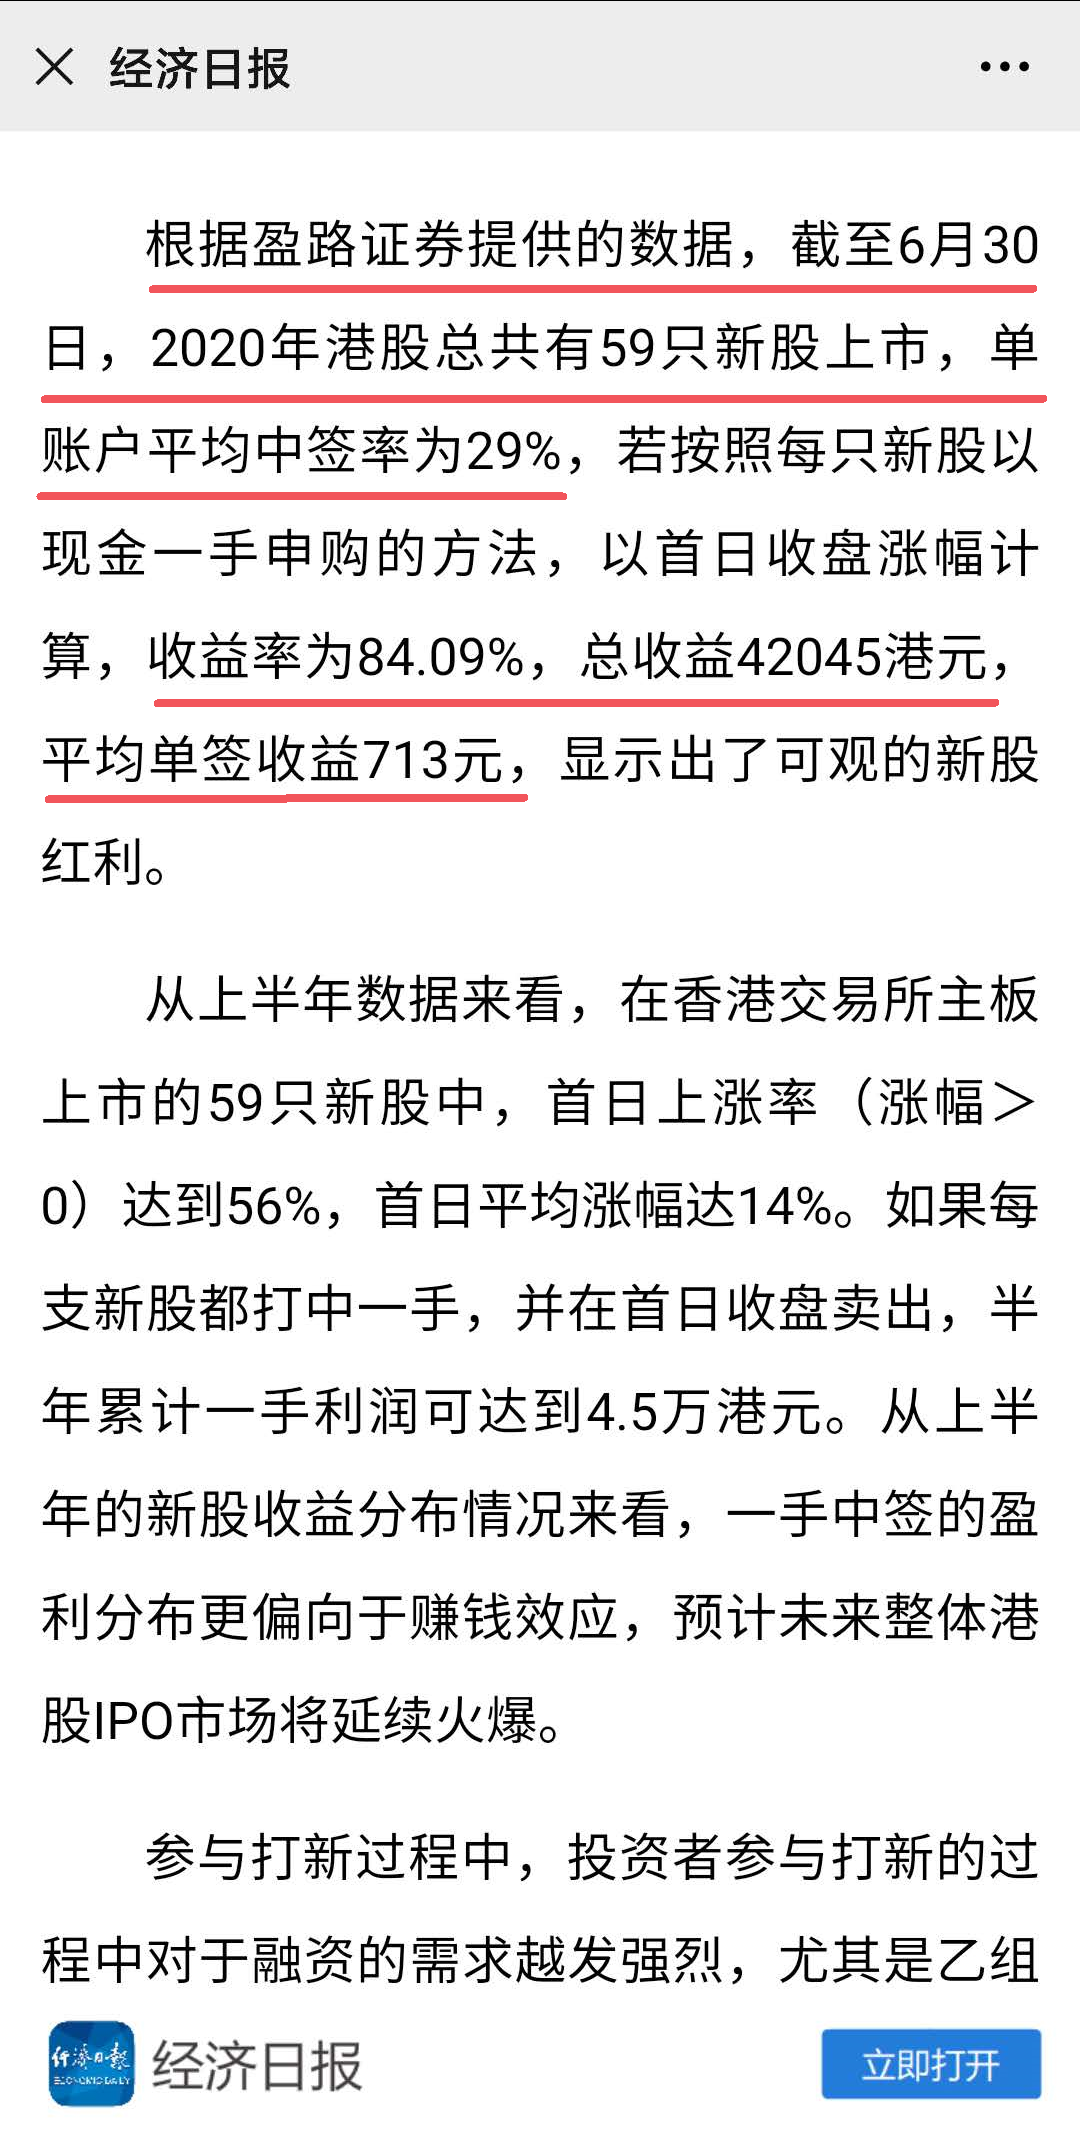 经济日报:港股打新火爆,盈路证券数据显示半年收益84%